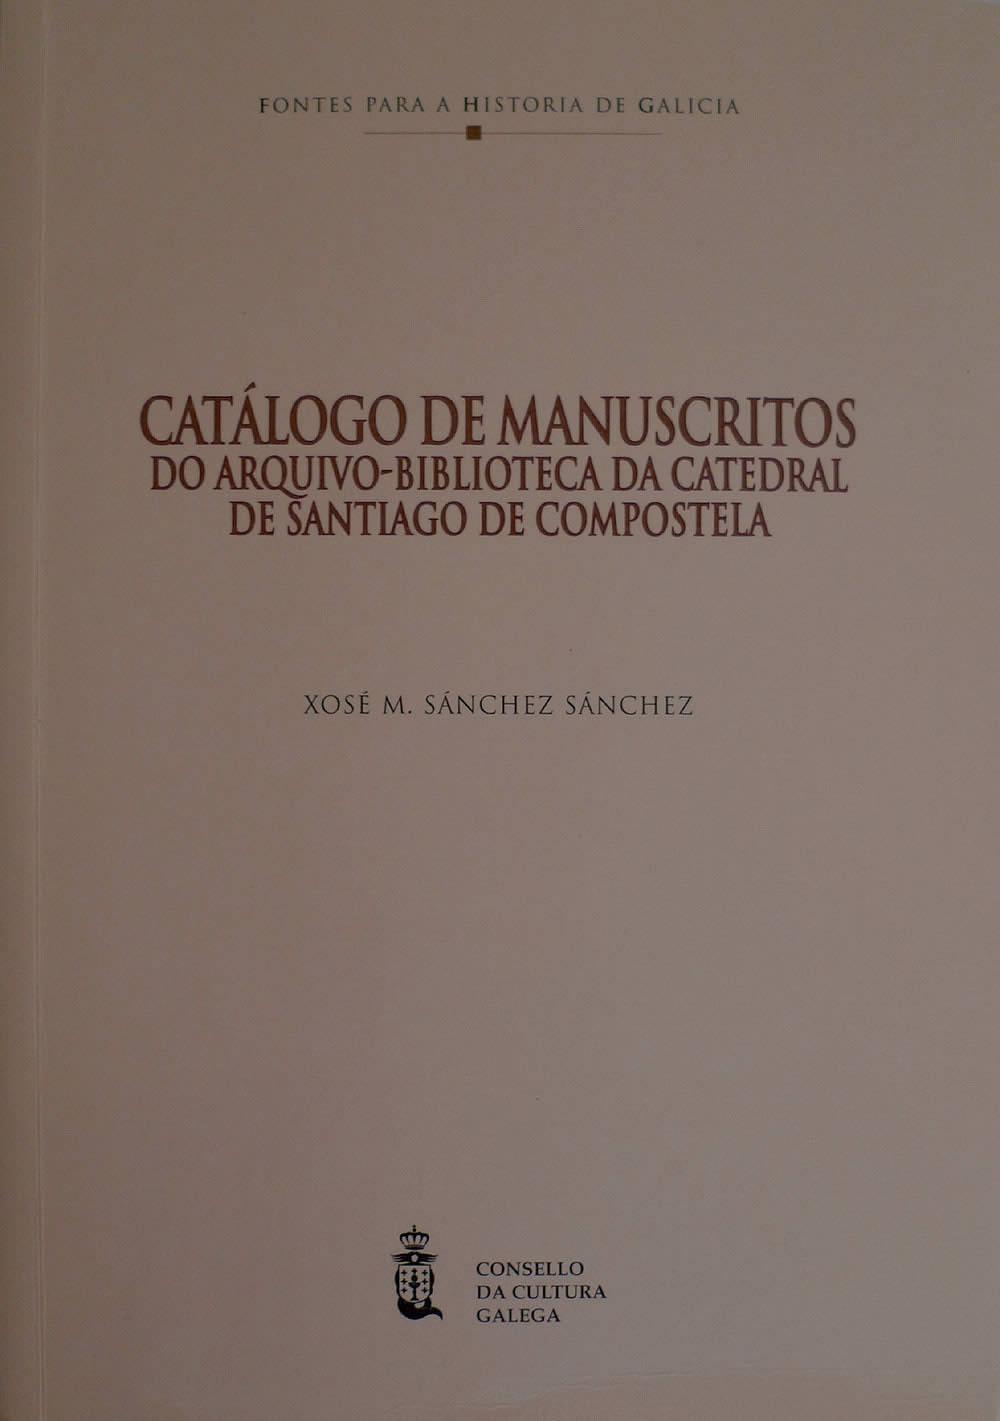 Portada de  Catálogo de manuscritos do arquivo-biblioteca da catedral de Santiago de Compostela